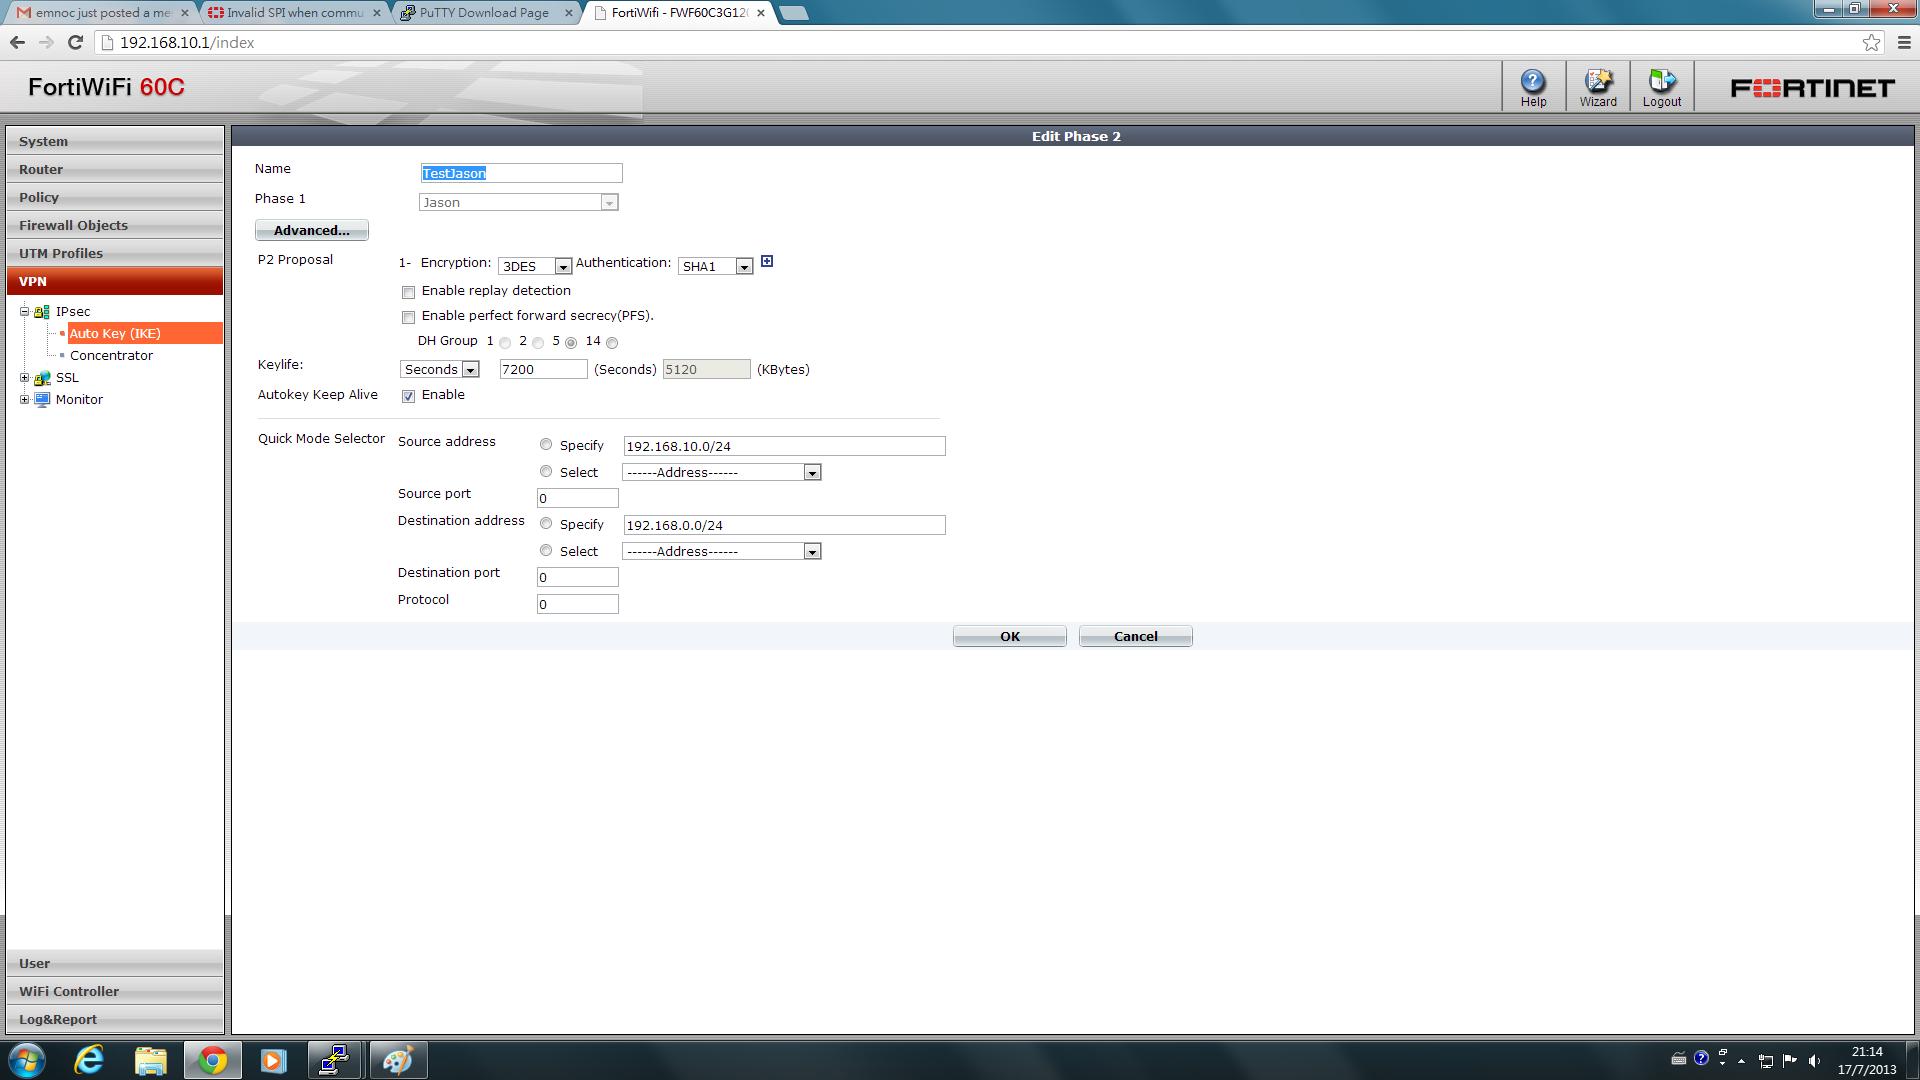 ignoring informational payload type no_proposal_chosen